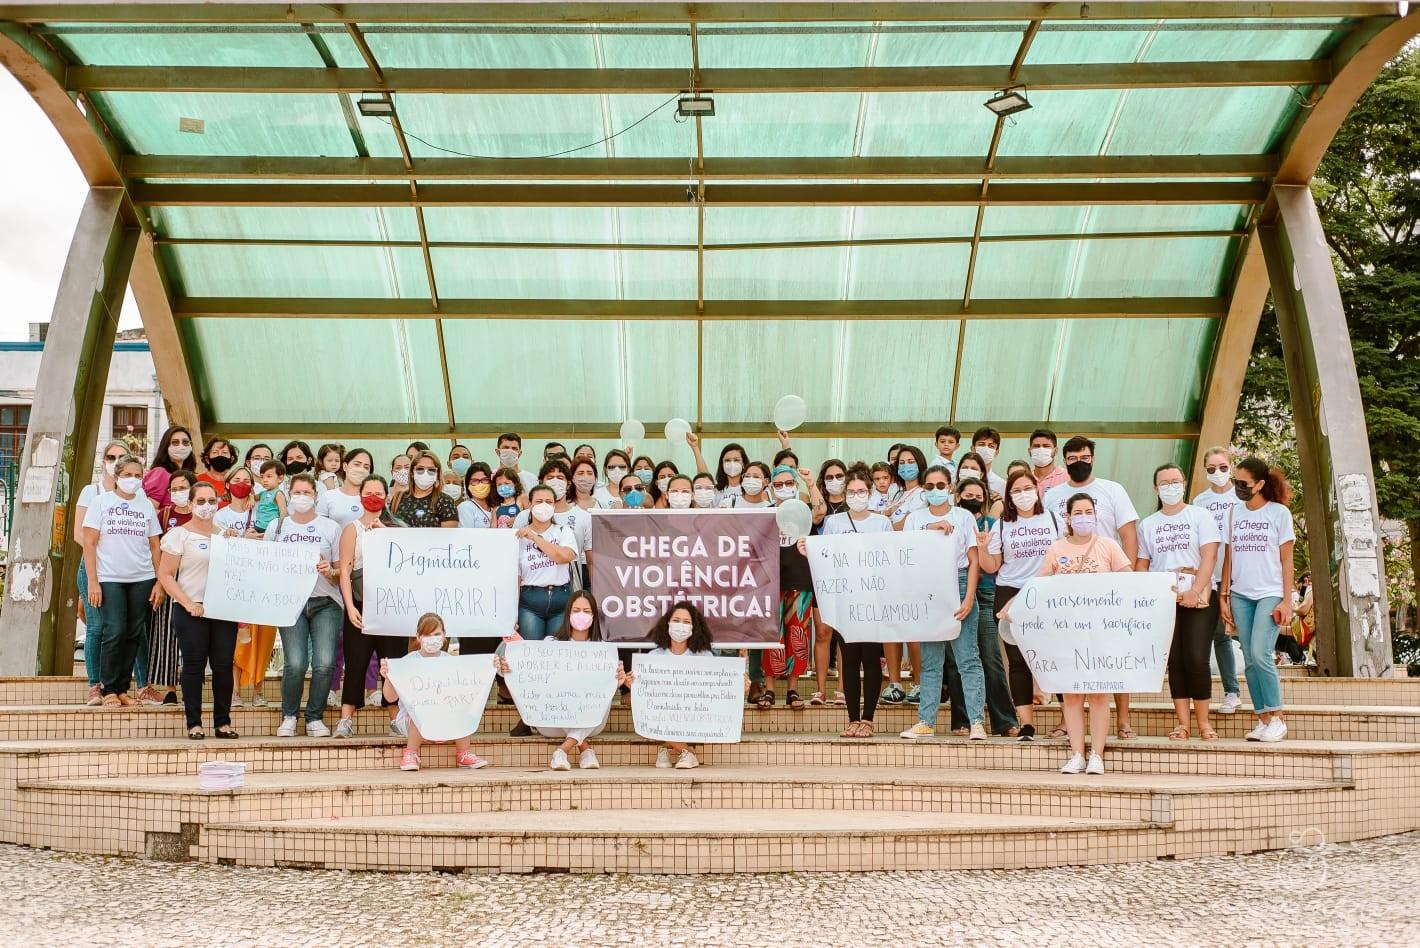 Mulheres protestam contra violência obstétrica em Castanhal